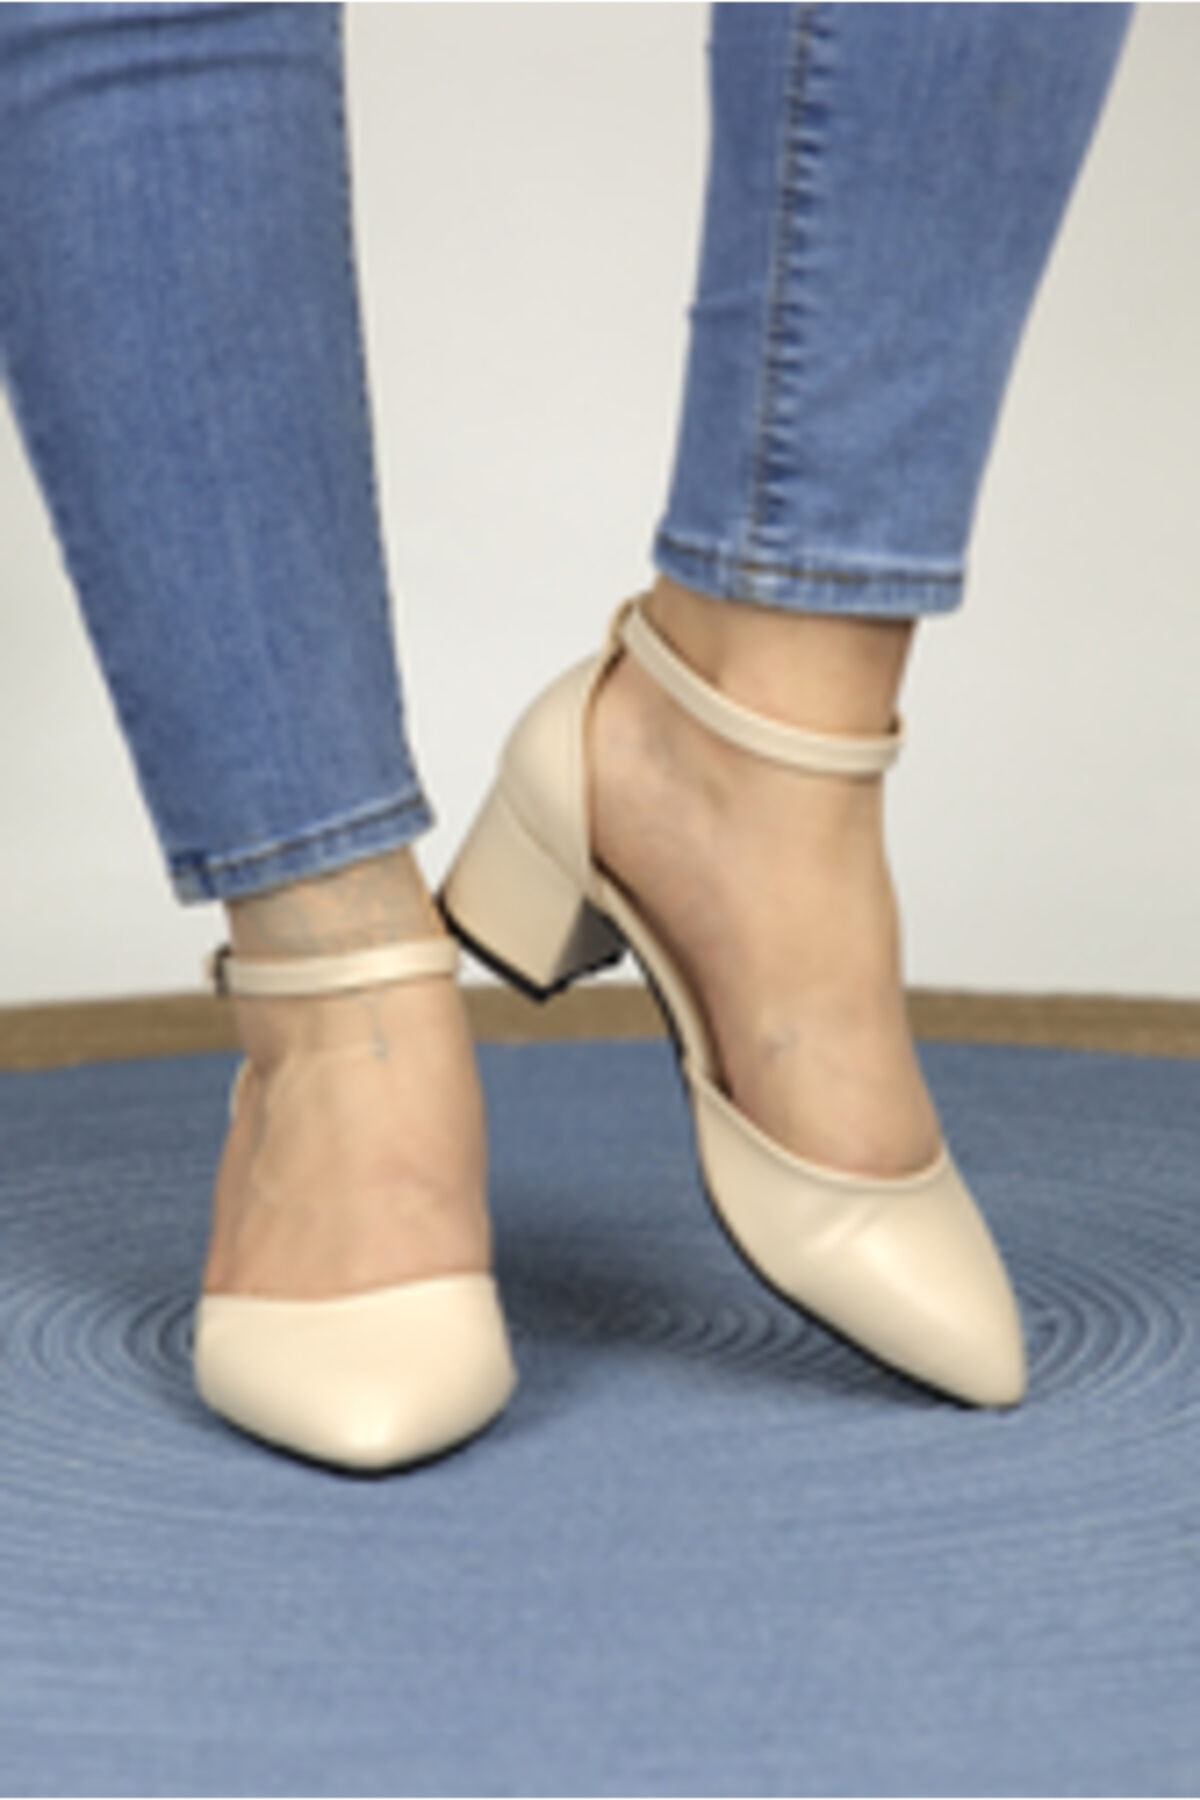 MODANOİVA Kadın Bej Topuklu Ayakkabı 1006-119-0002-a03